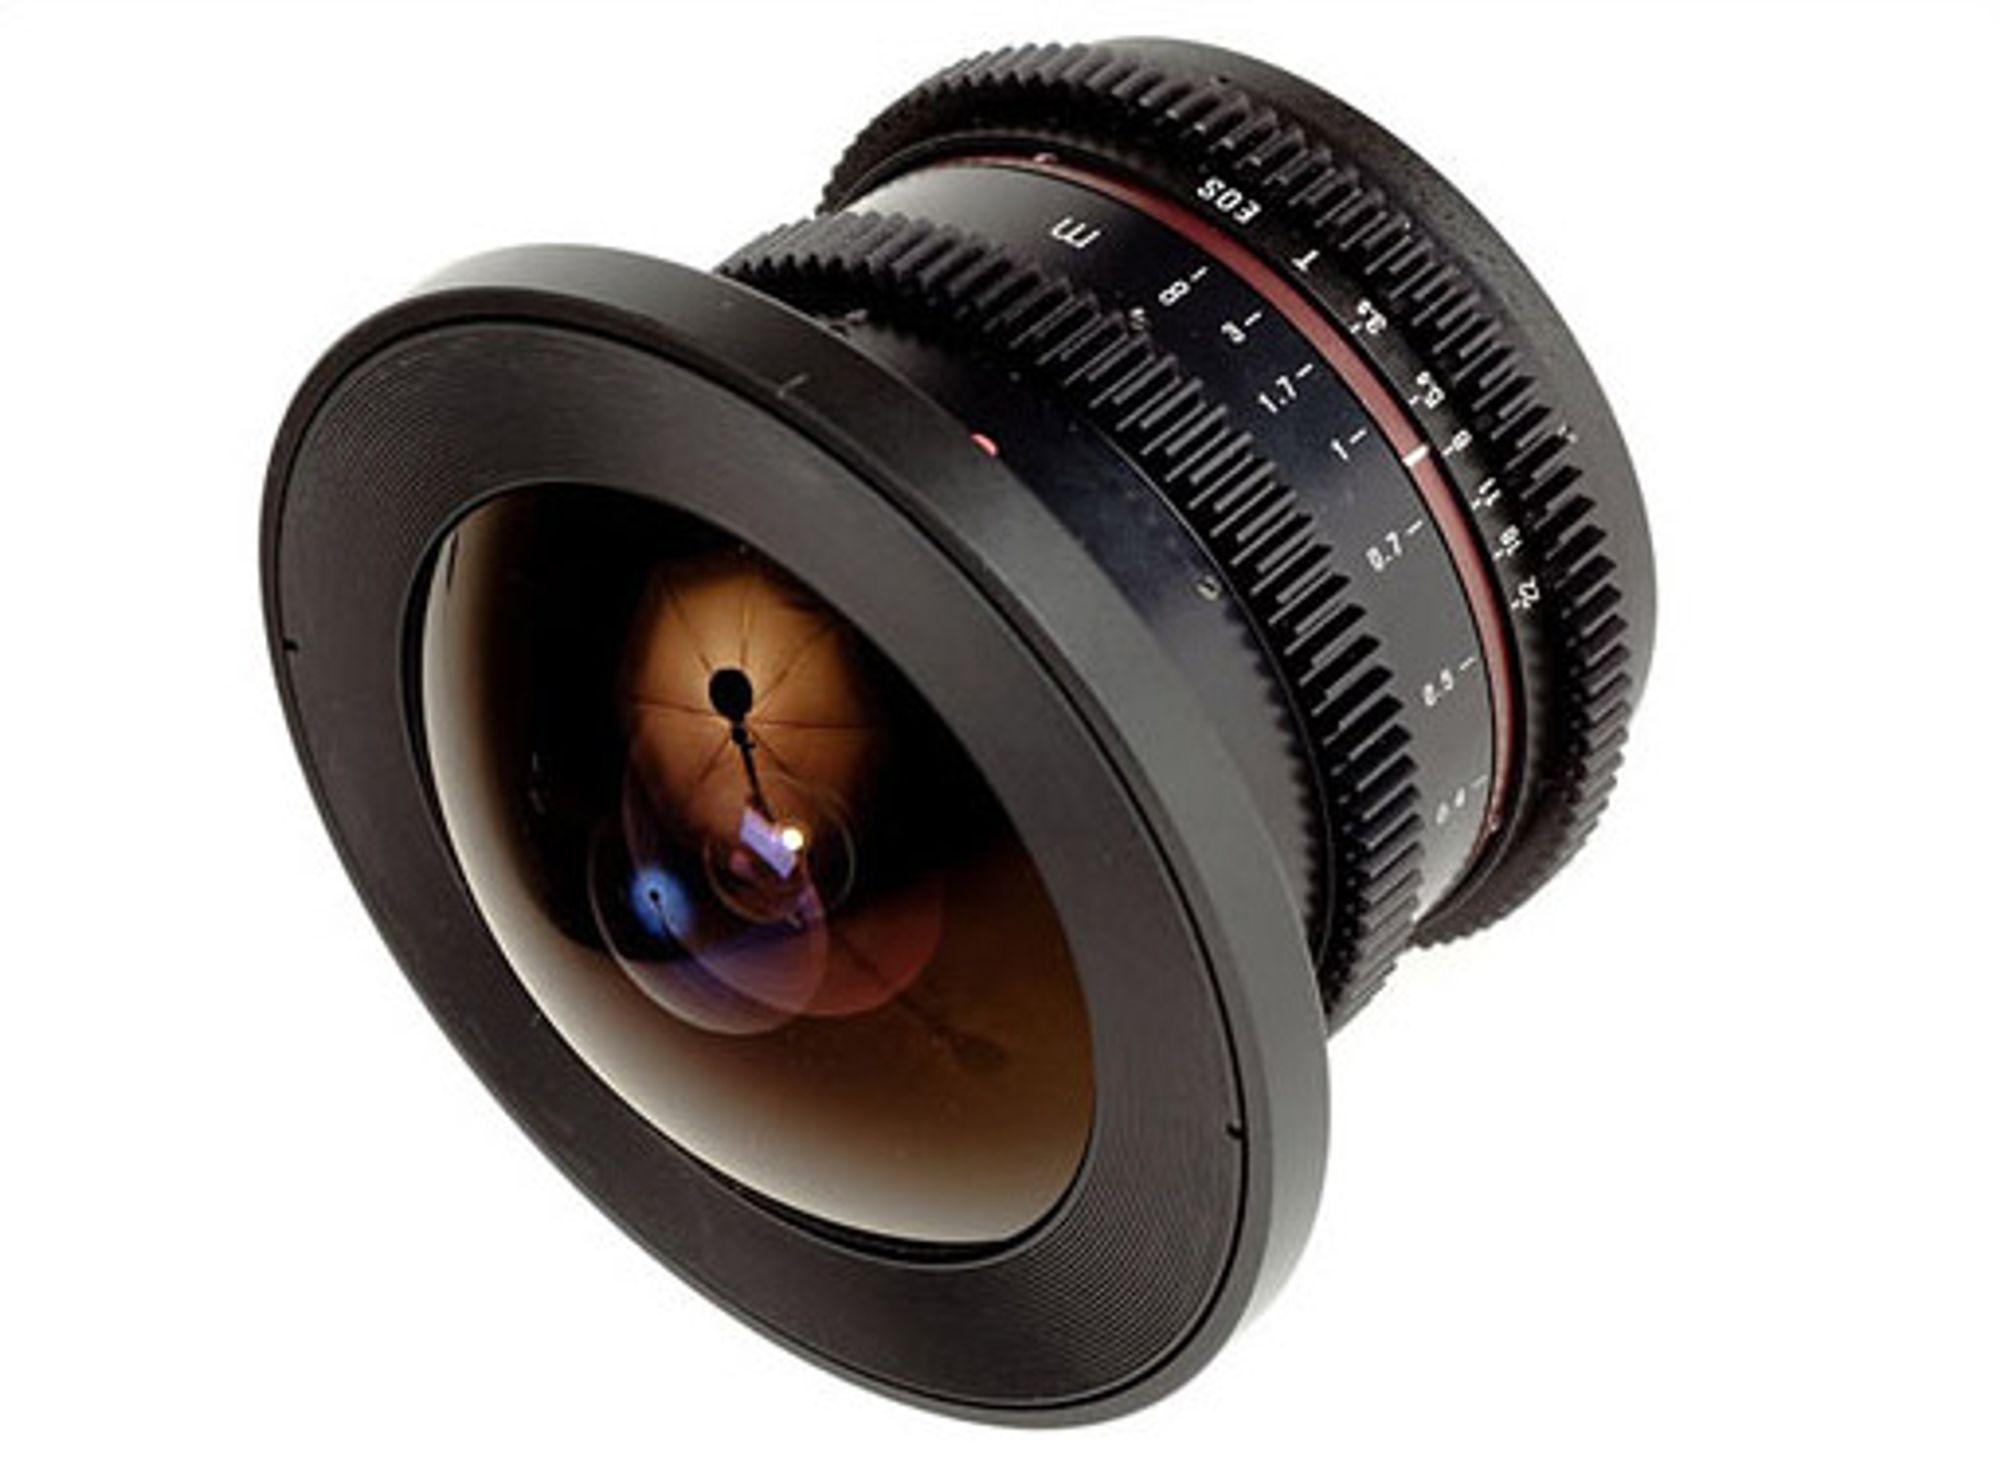 Samyang V-DSLR 8mm f/3,5 er laget for kamera med APS-C-bildebrikke. FOTO: Produsenten.